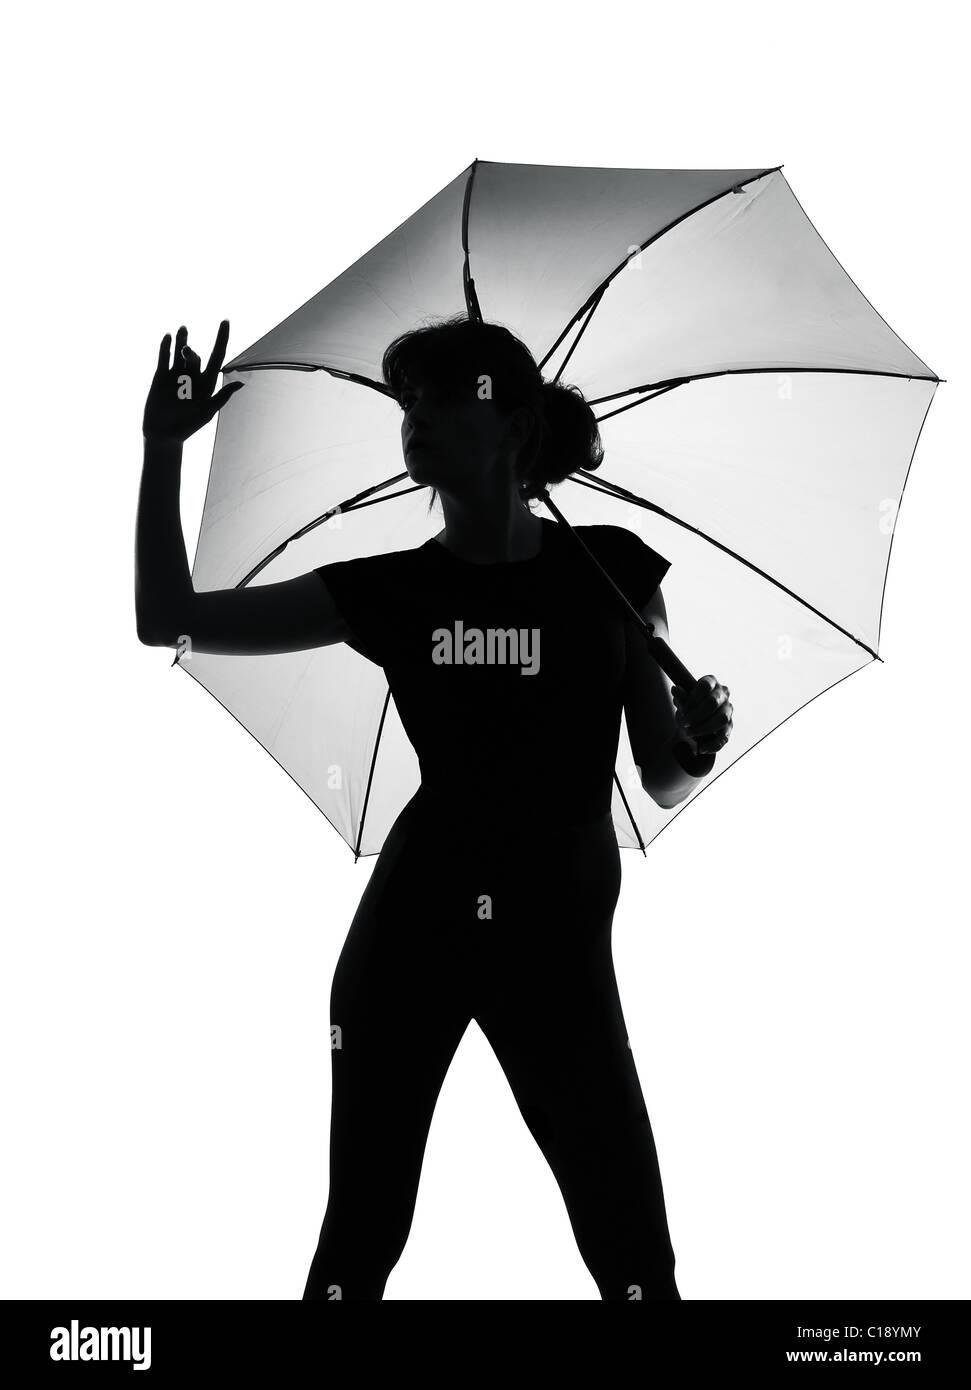 Silhouette pleine longueur dans l'ombre d'une jeune femme avec parapluie ouvert dans Studio isolé sur Photo Stock